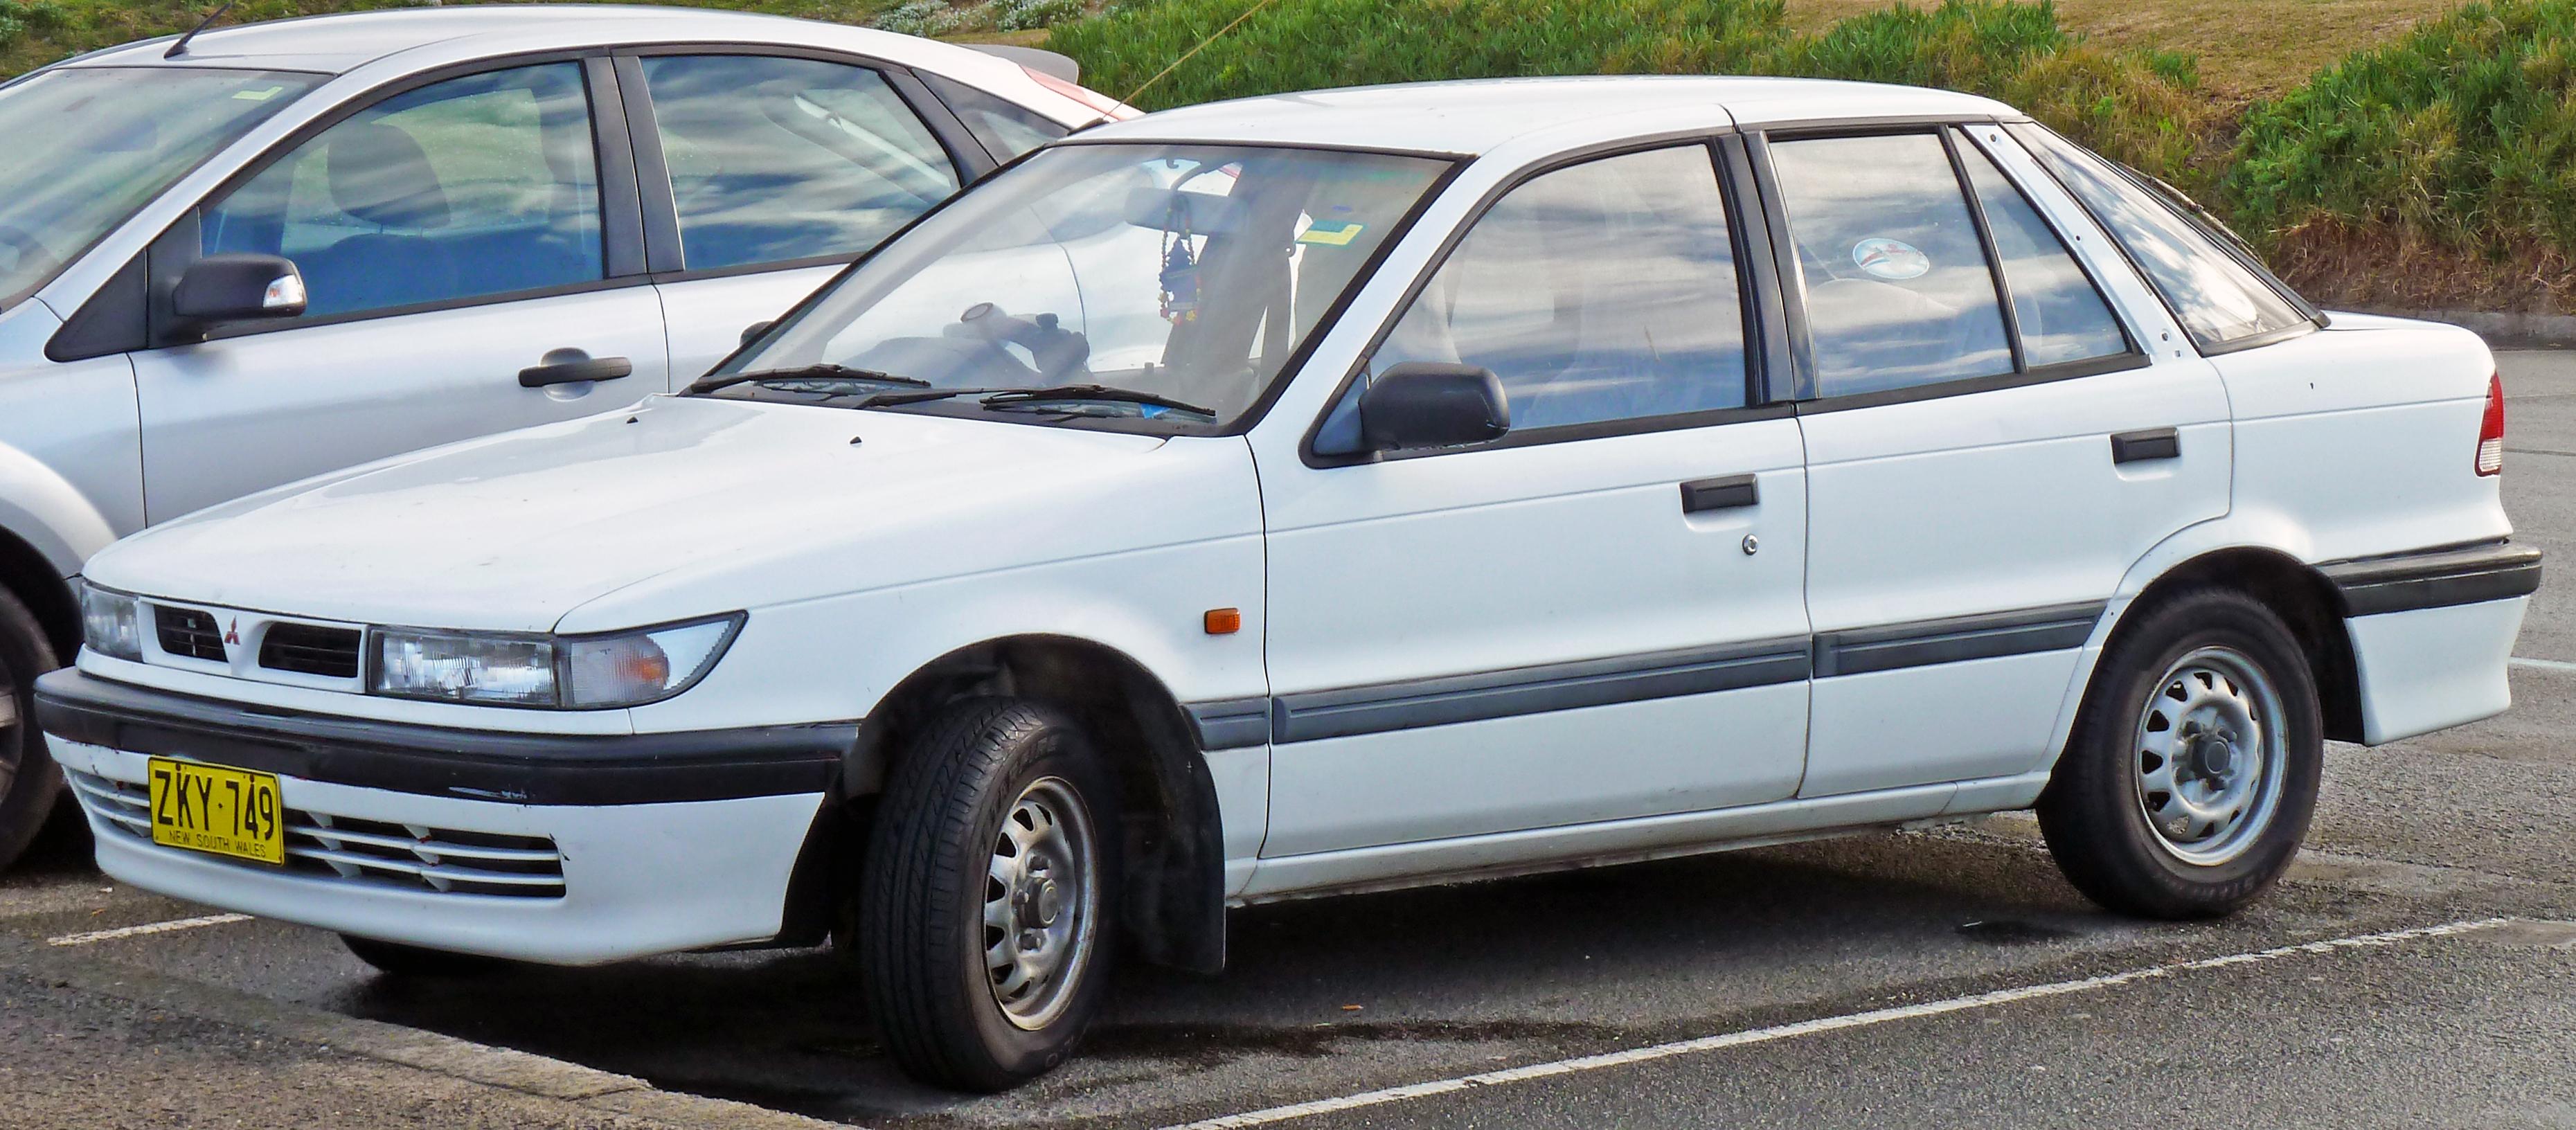 Mitsubishi Libero I 1992 - 1995 Station wagon 5 door #4